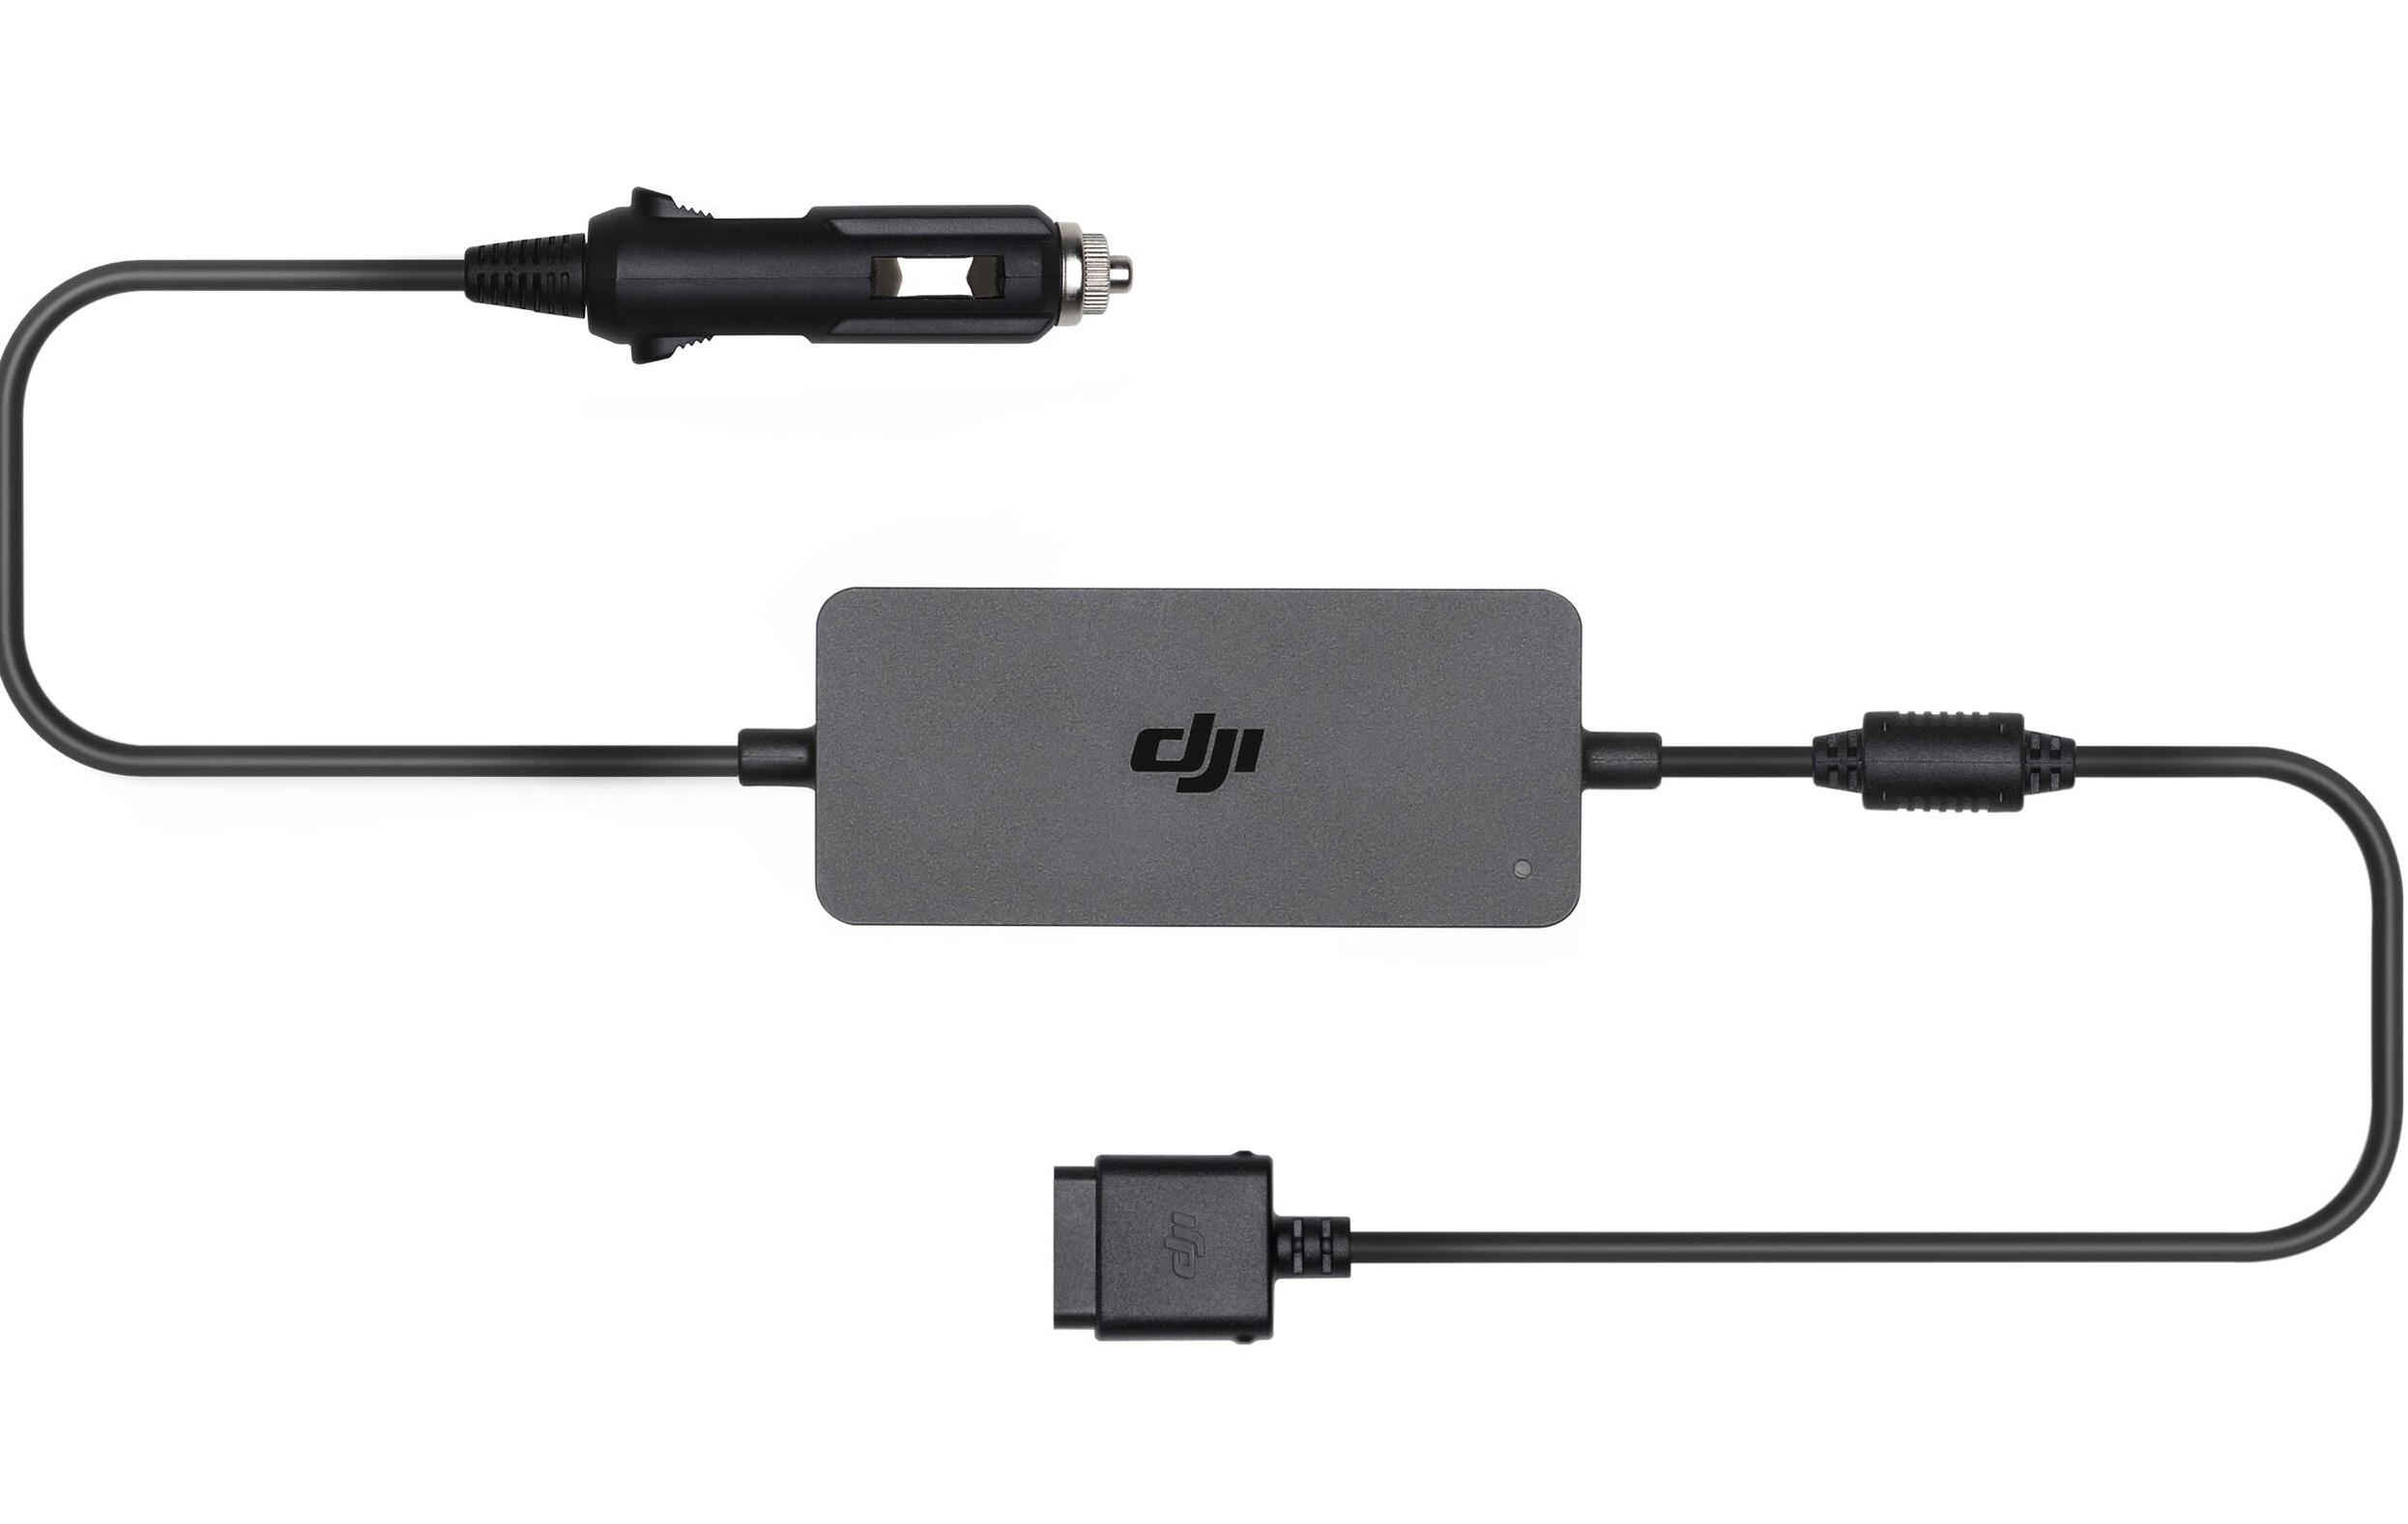 DJI FPV Car Charger giúp dễ dàng sạc lại pin máy bay không người lái trên xe ô tô